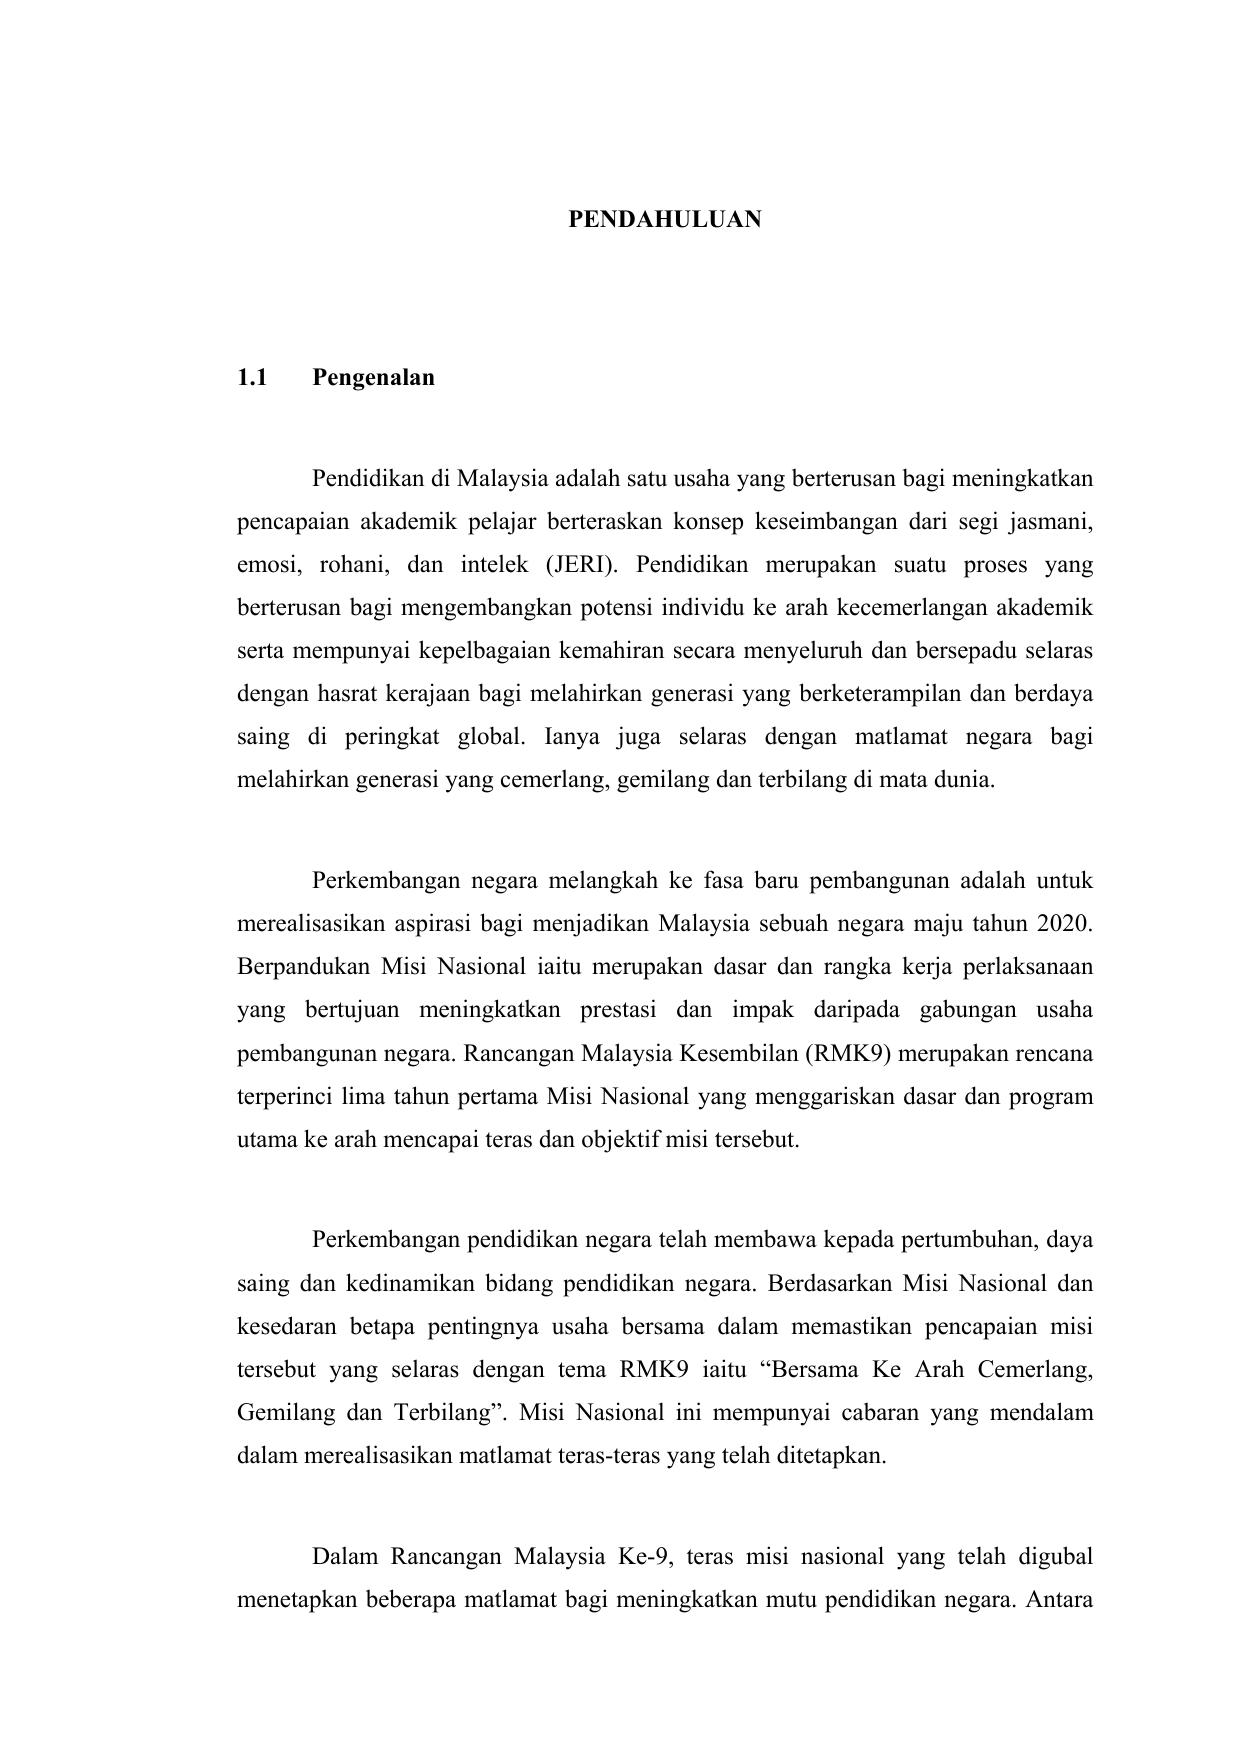 Pendahuluan 1 1 Pengenalan Pendidikan Di Malaysia Adalah